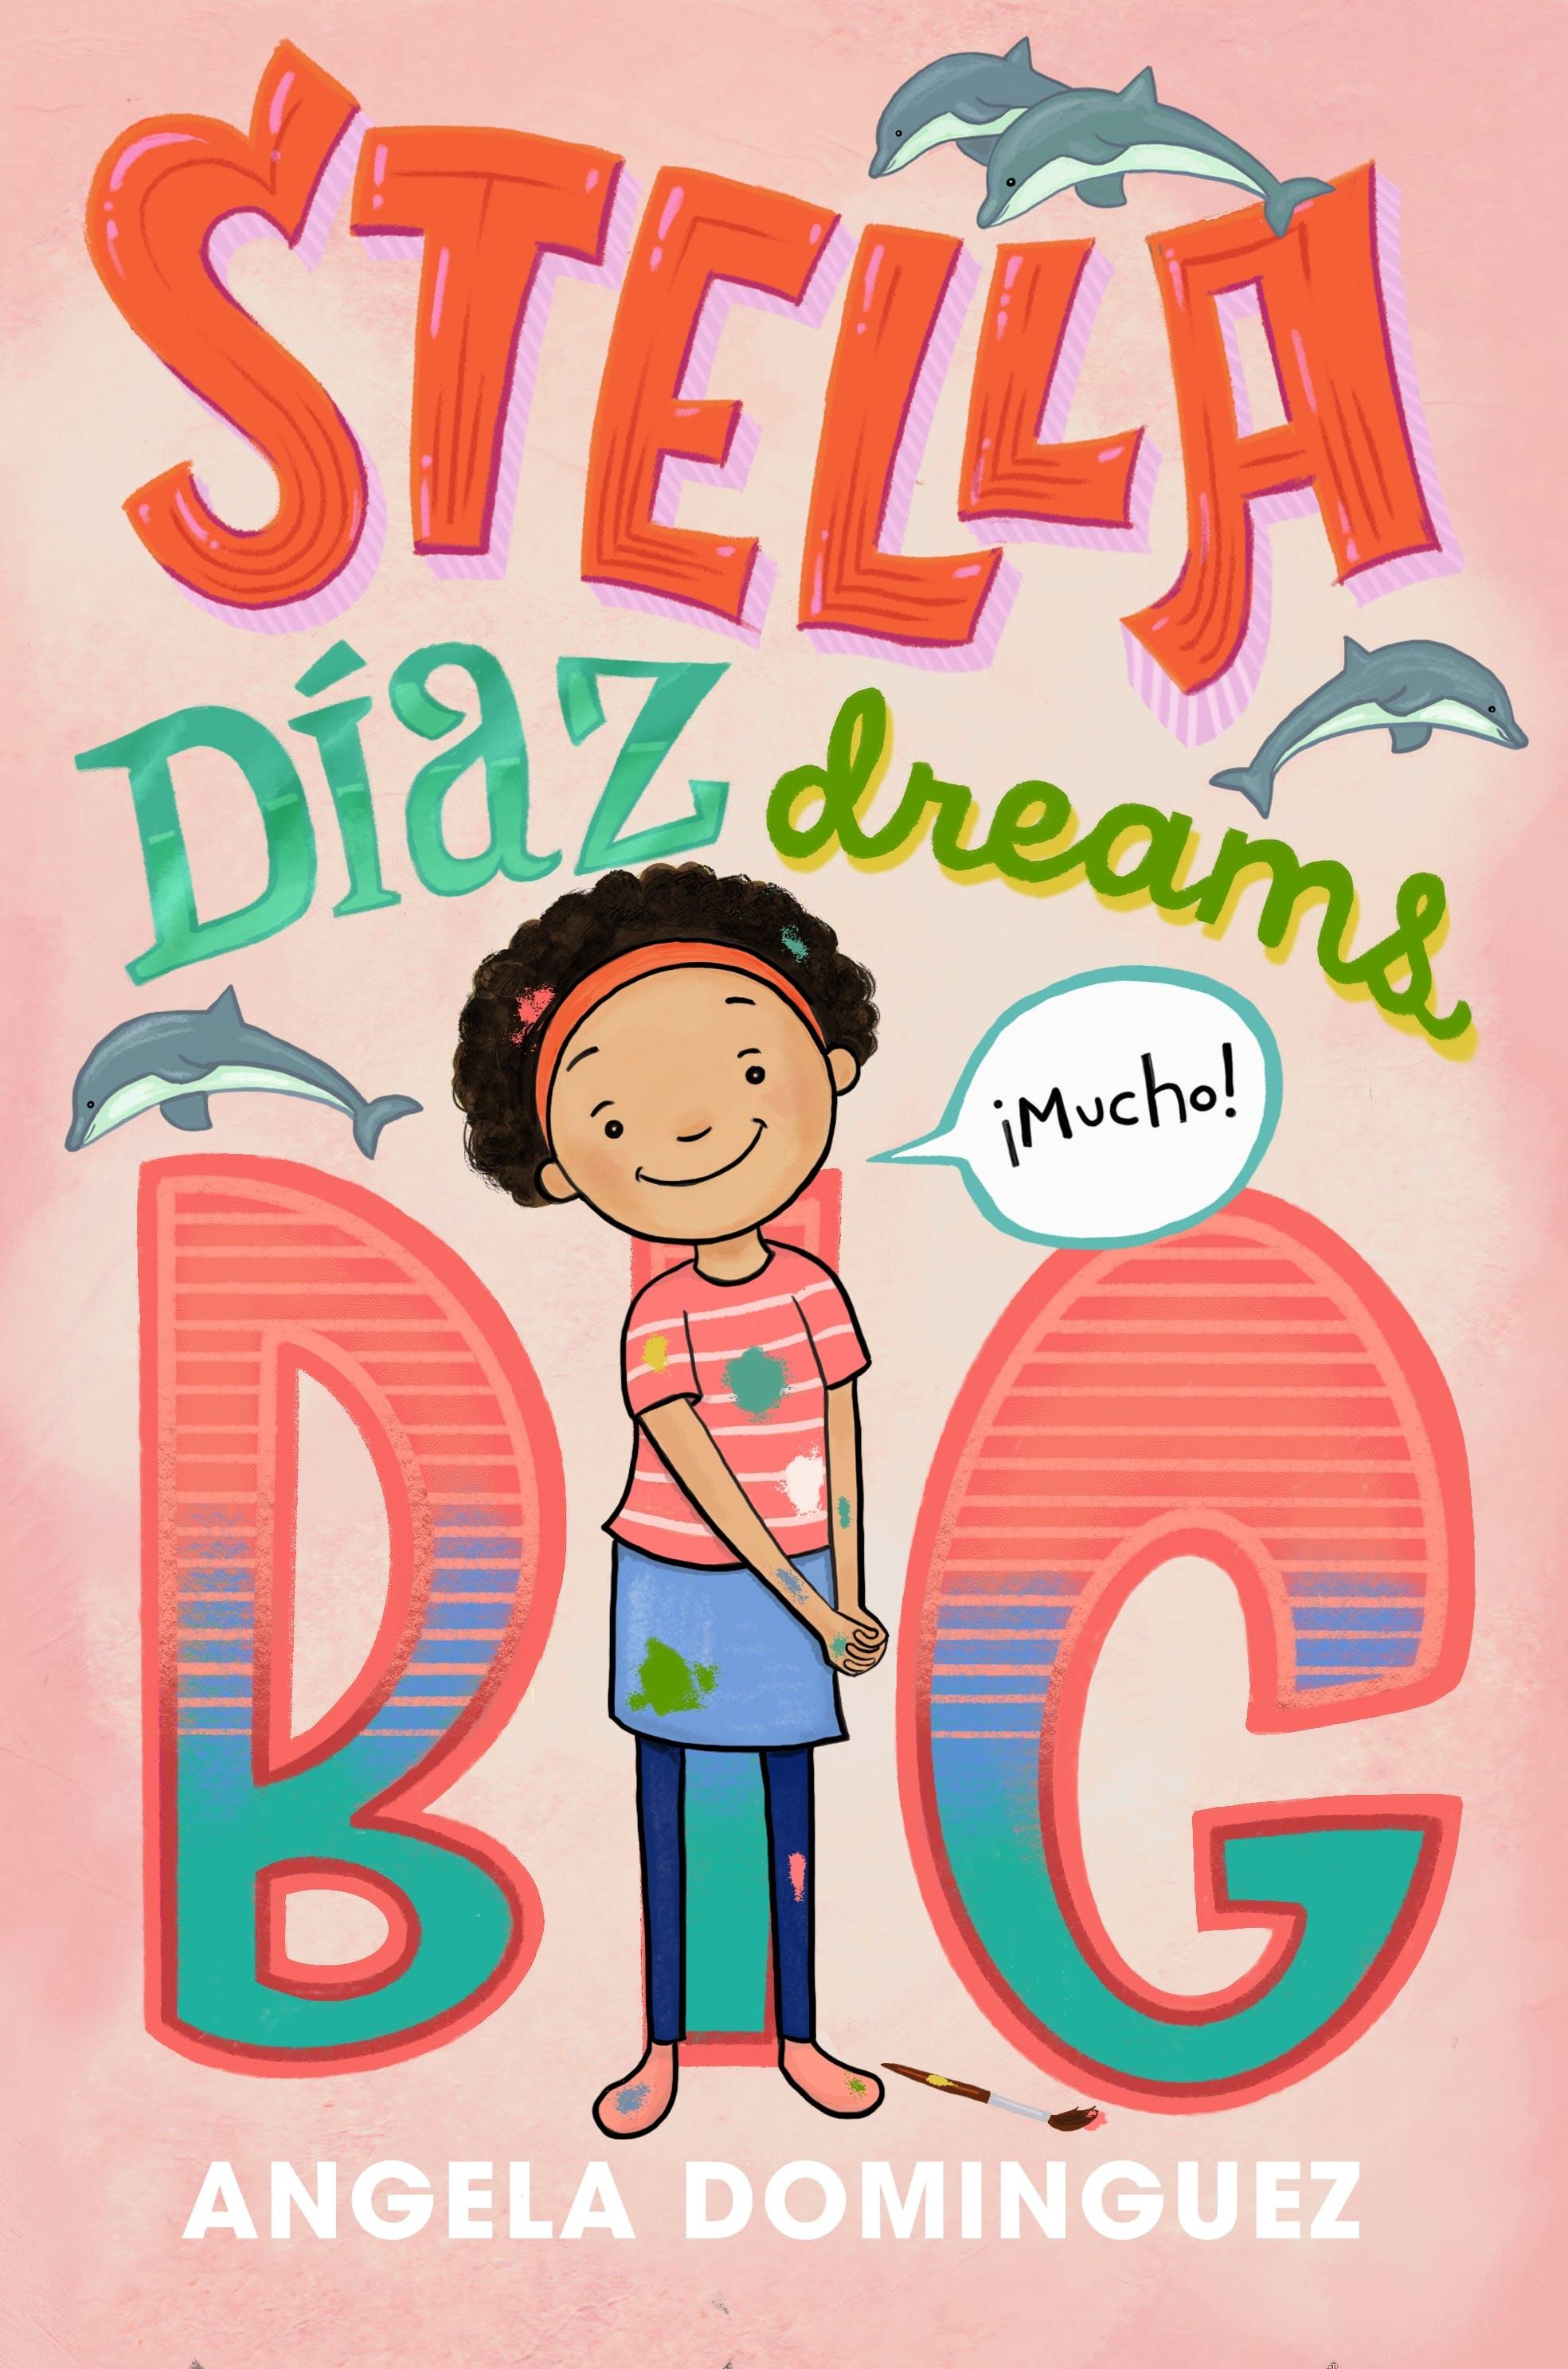 Image of Stella Díaz Dreams Big